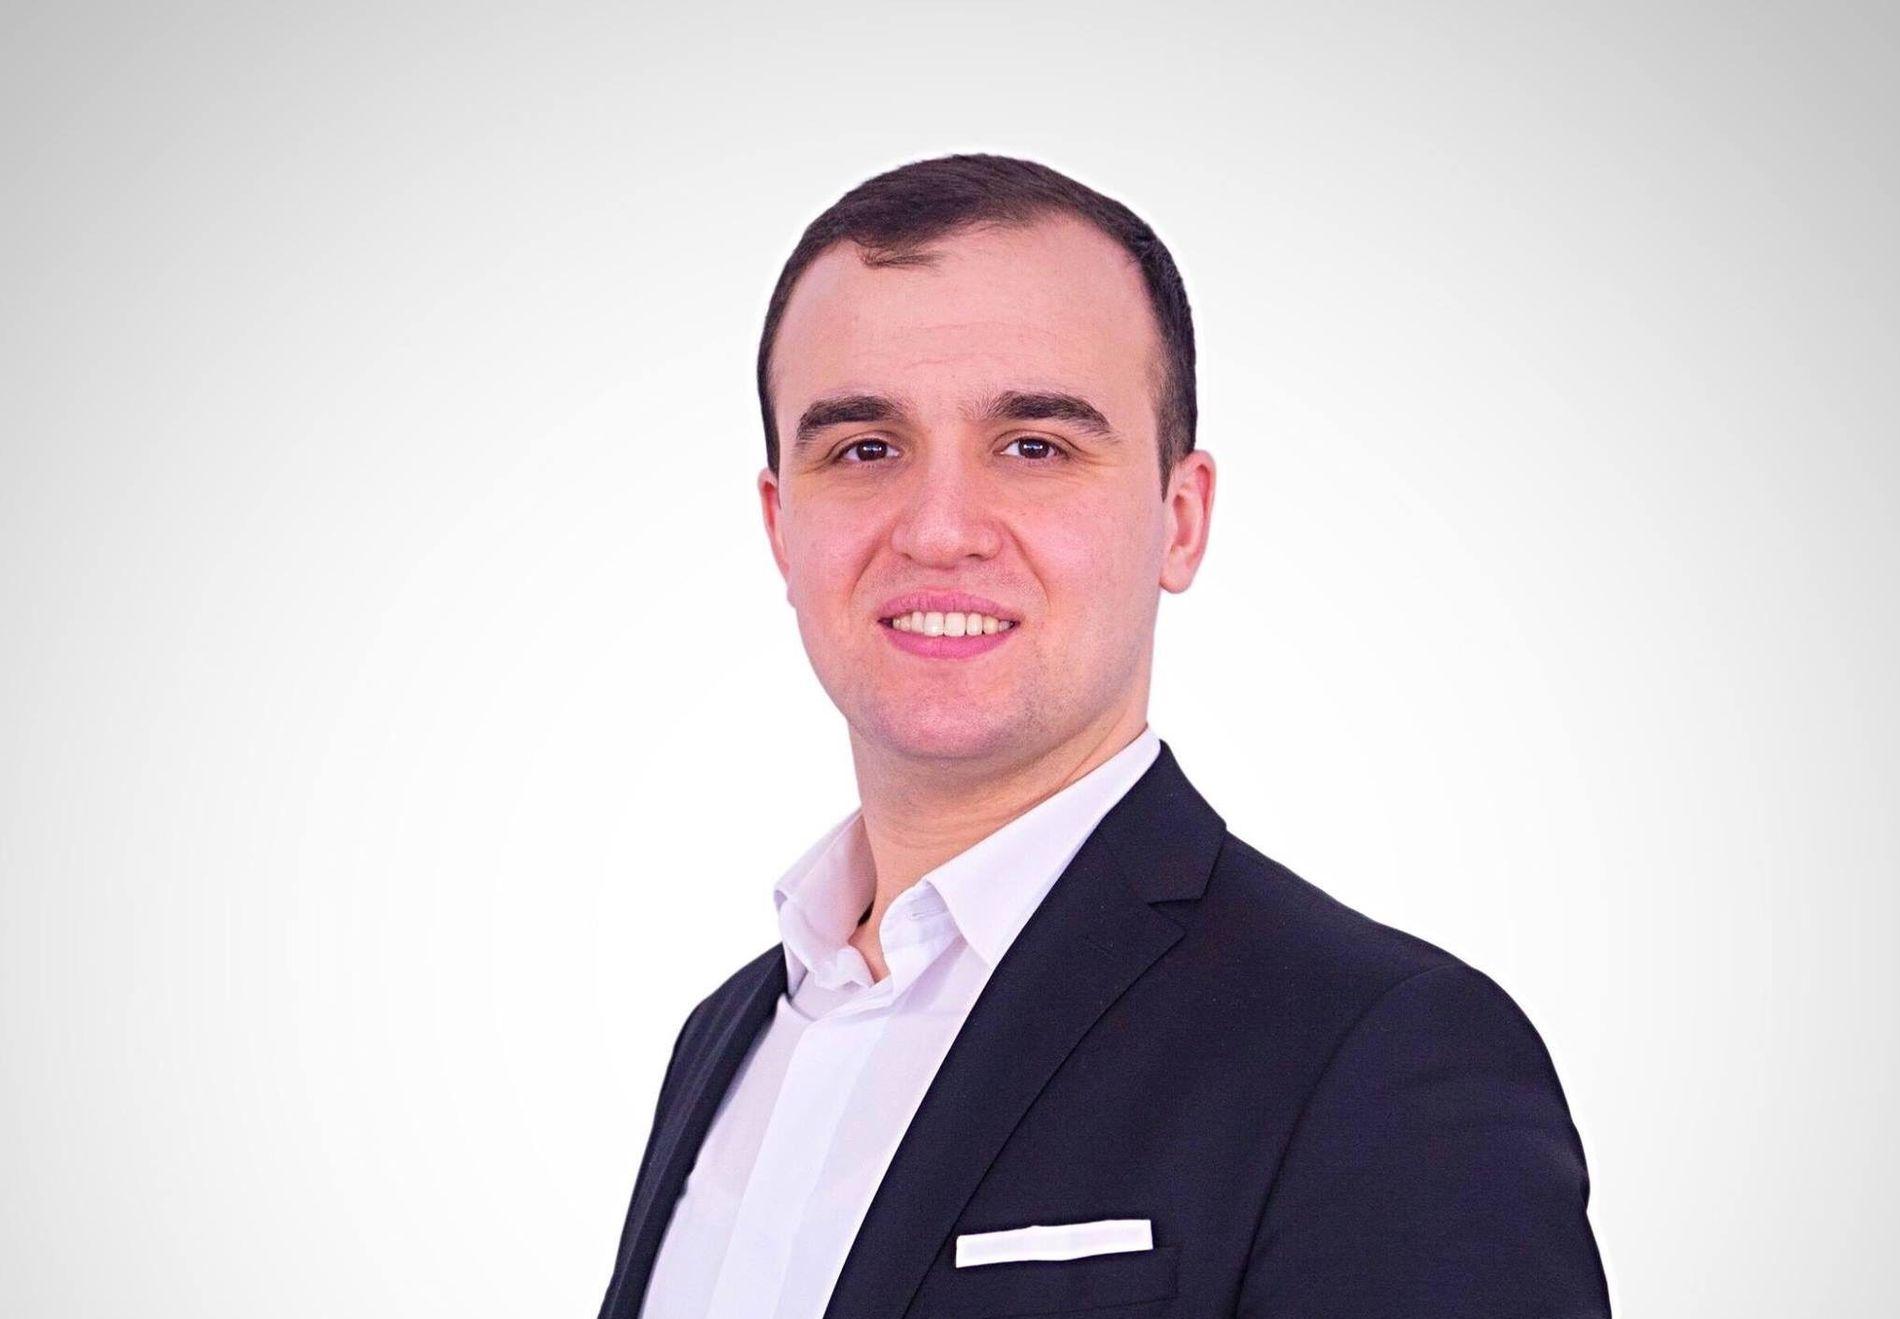 KONSERNLEDER: Fatih Mehmet Deveci er konsernleder i Norlights Education og sier til VG at skolene konsernet driver ikke er en del av Gülen-bevegelsen, men at initiativtagerne er «inspirert av Gülens budskap om utdanning».